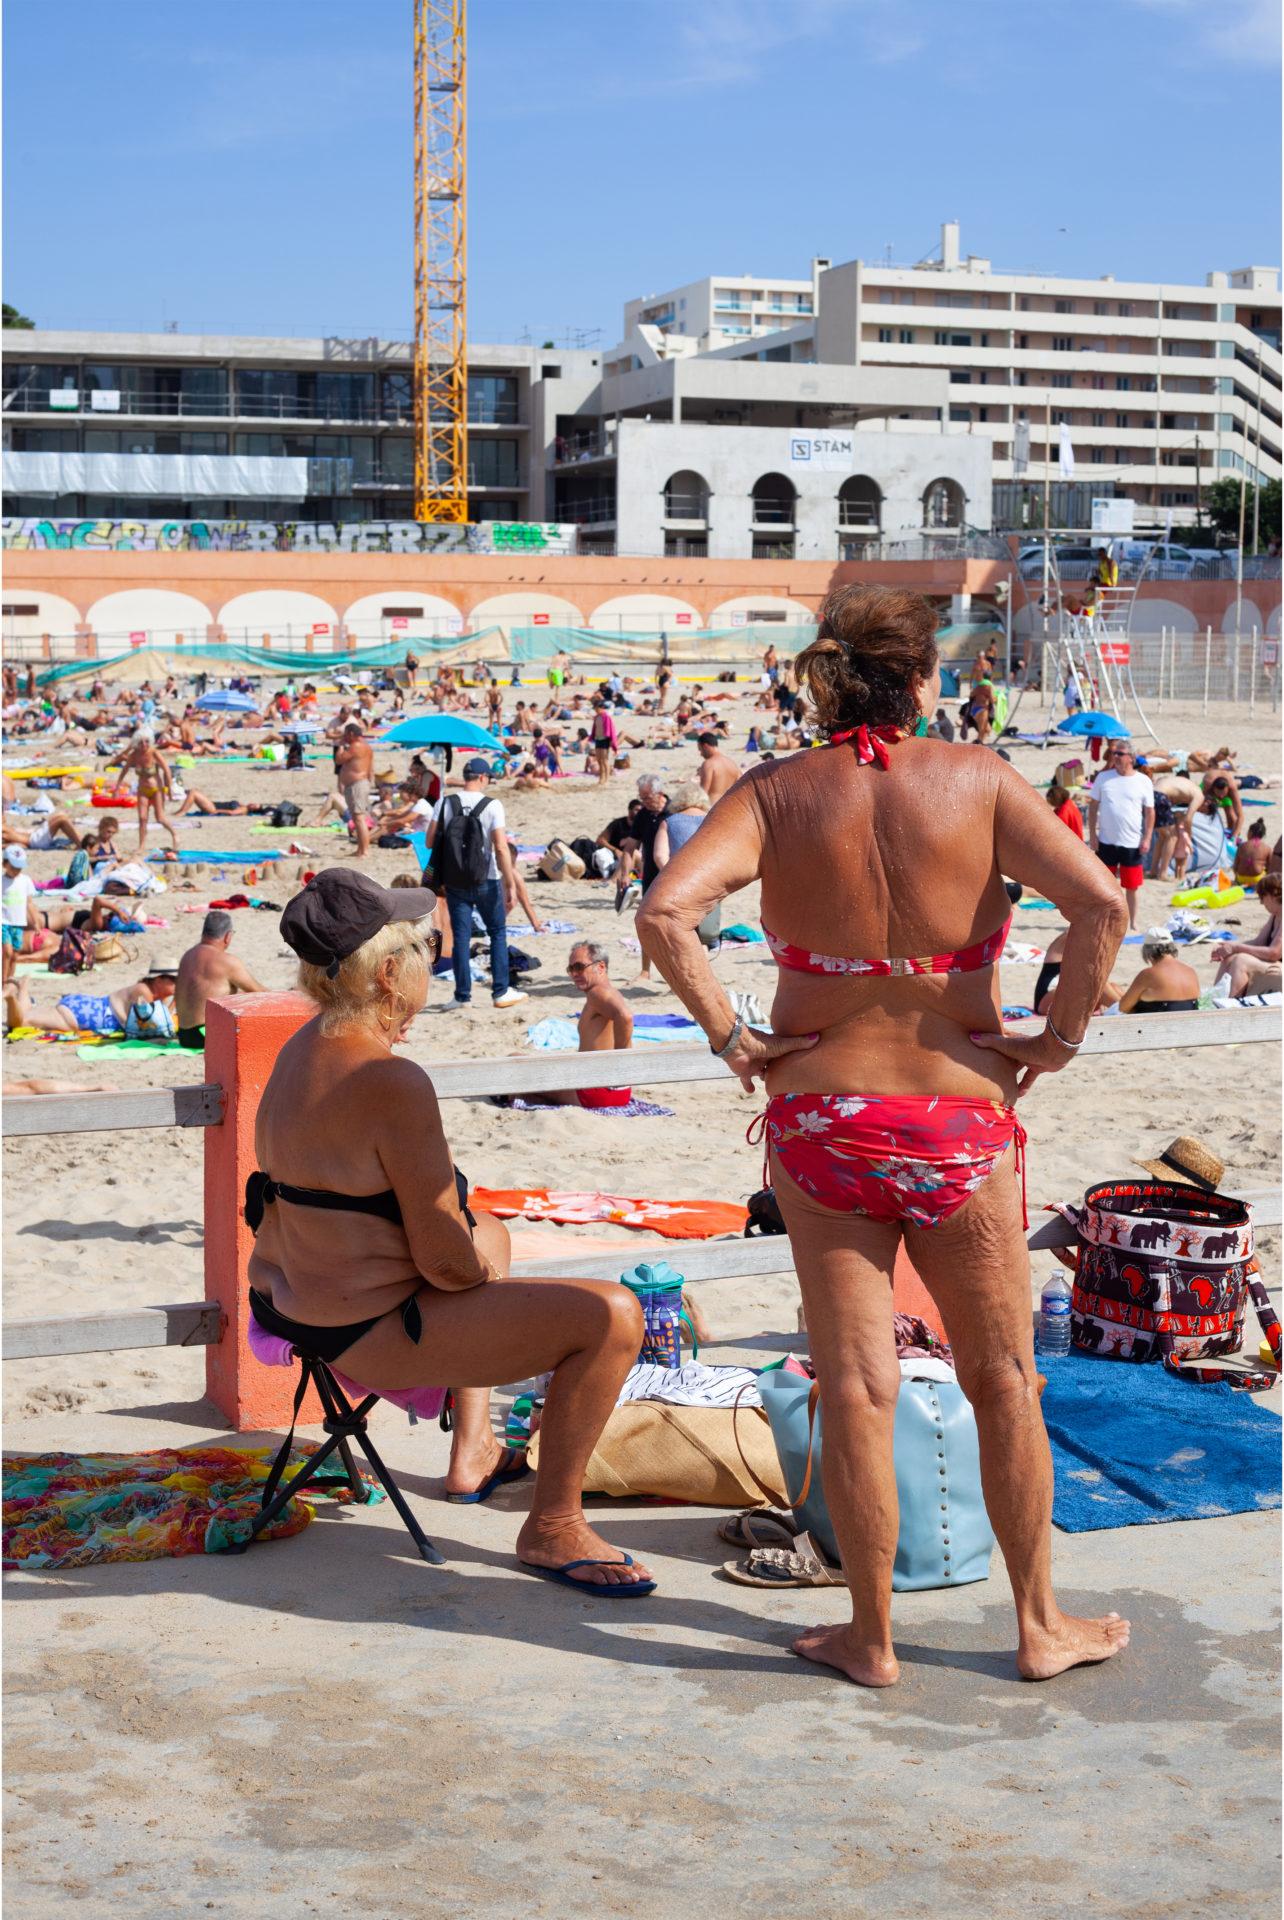 Deux femmes agées en maillot de bain l'une assise et l'autre debout sur la plage